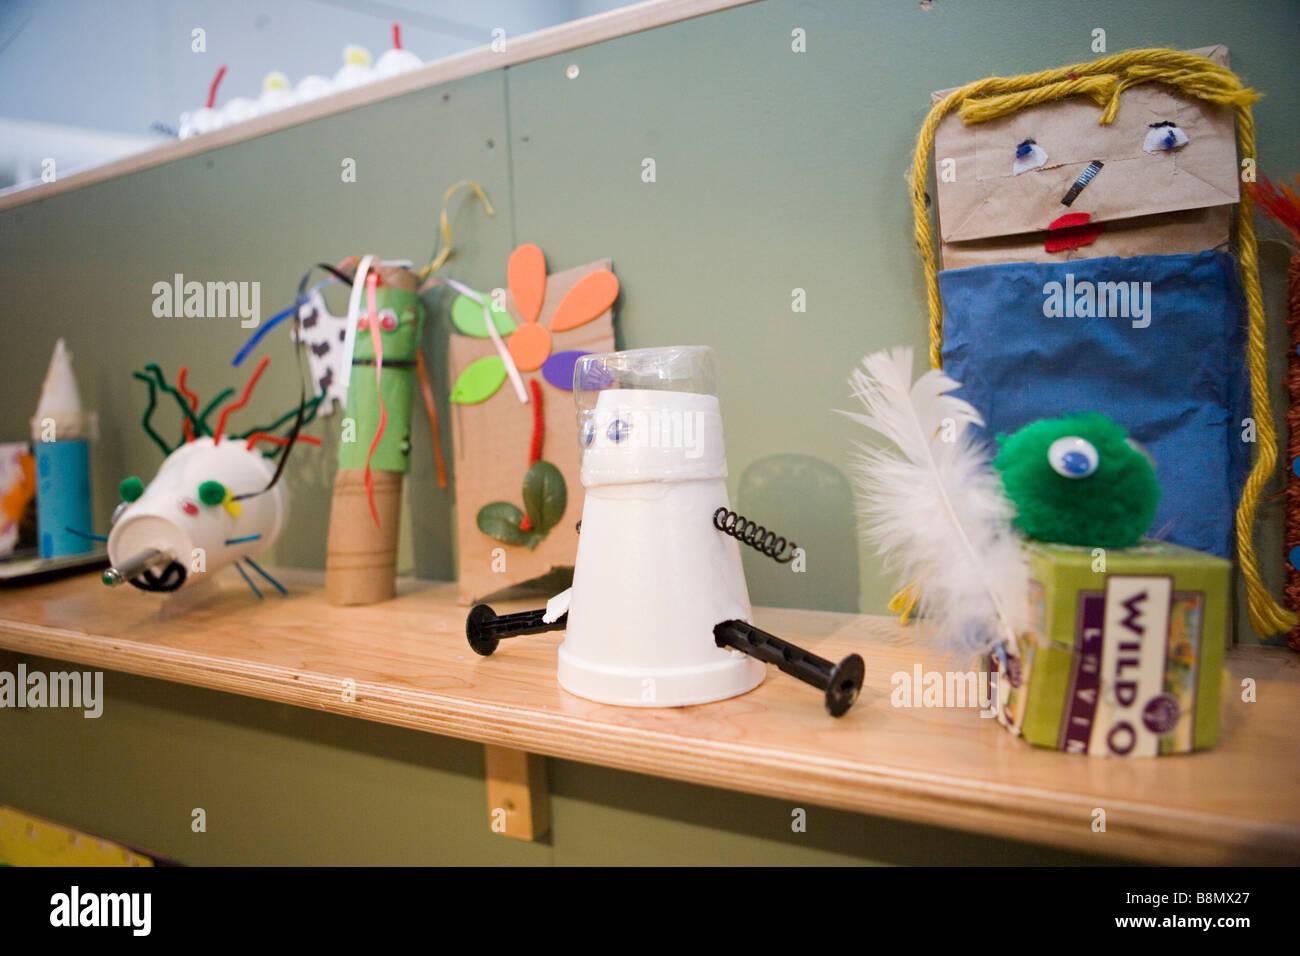 Bolsa de marionetas, muñecas y juguetes hechos de materiales reciclados simple Imagen De Stock